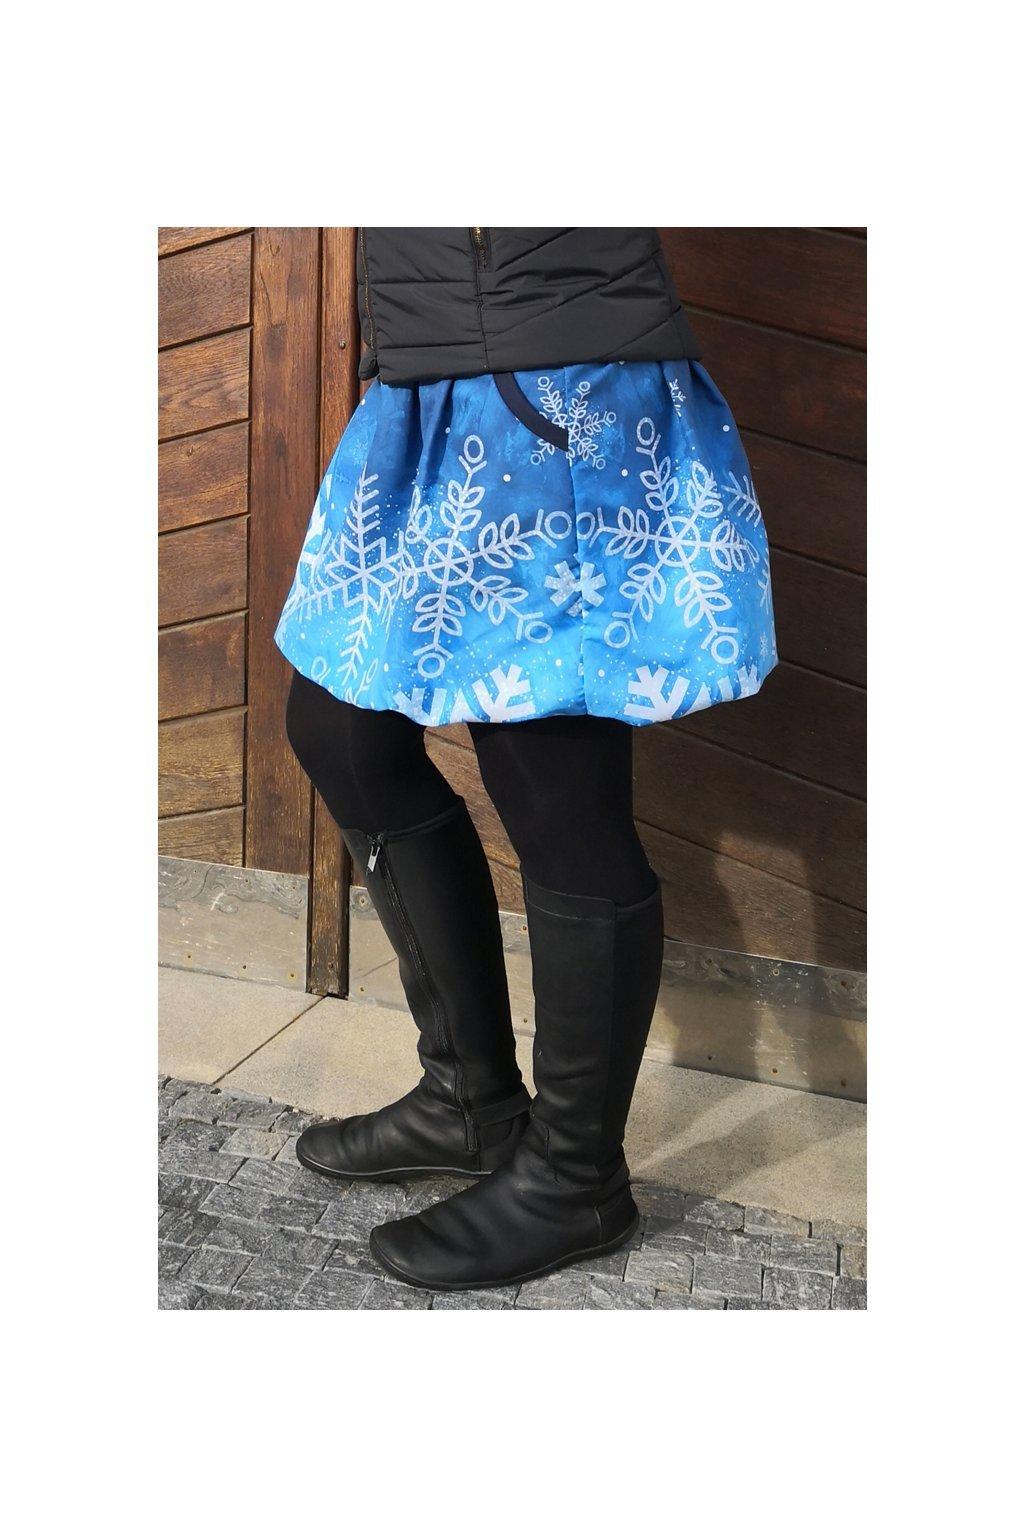 SKLADEM - Balonová sukně Vločky modré  | plátno